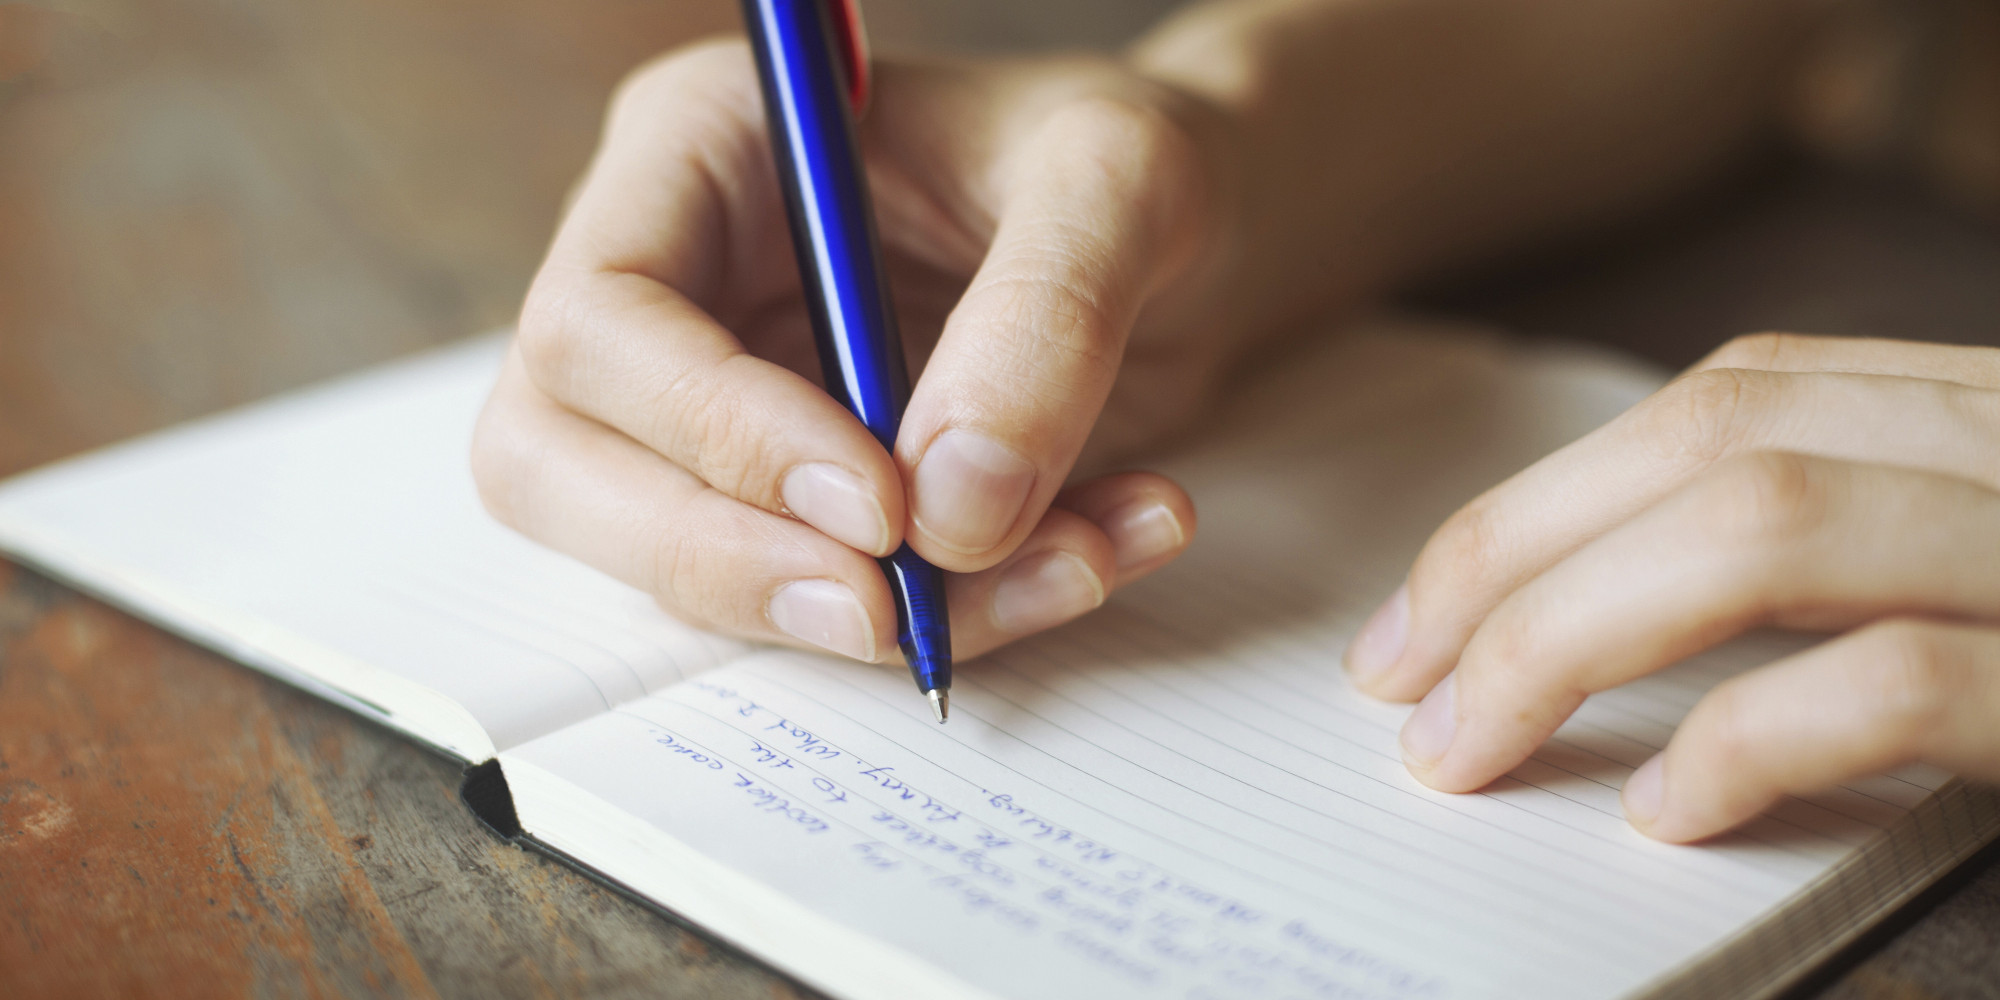 Dissertation writer